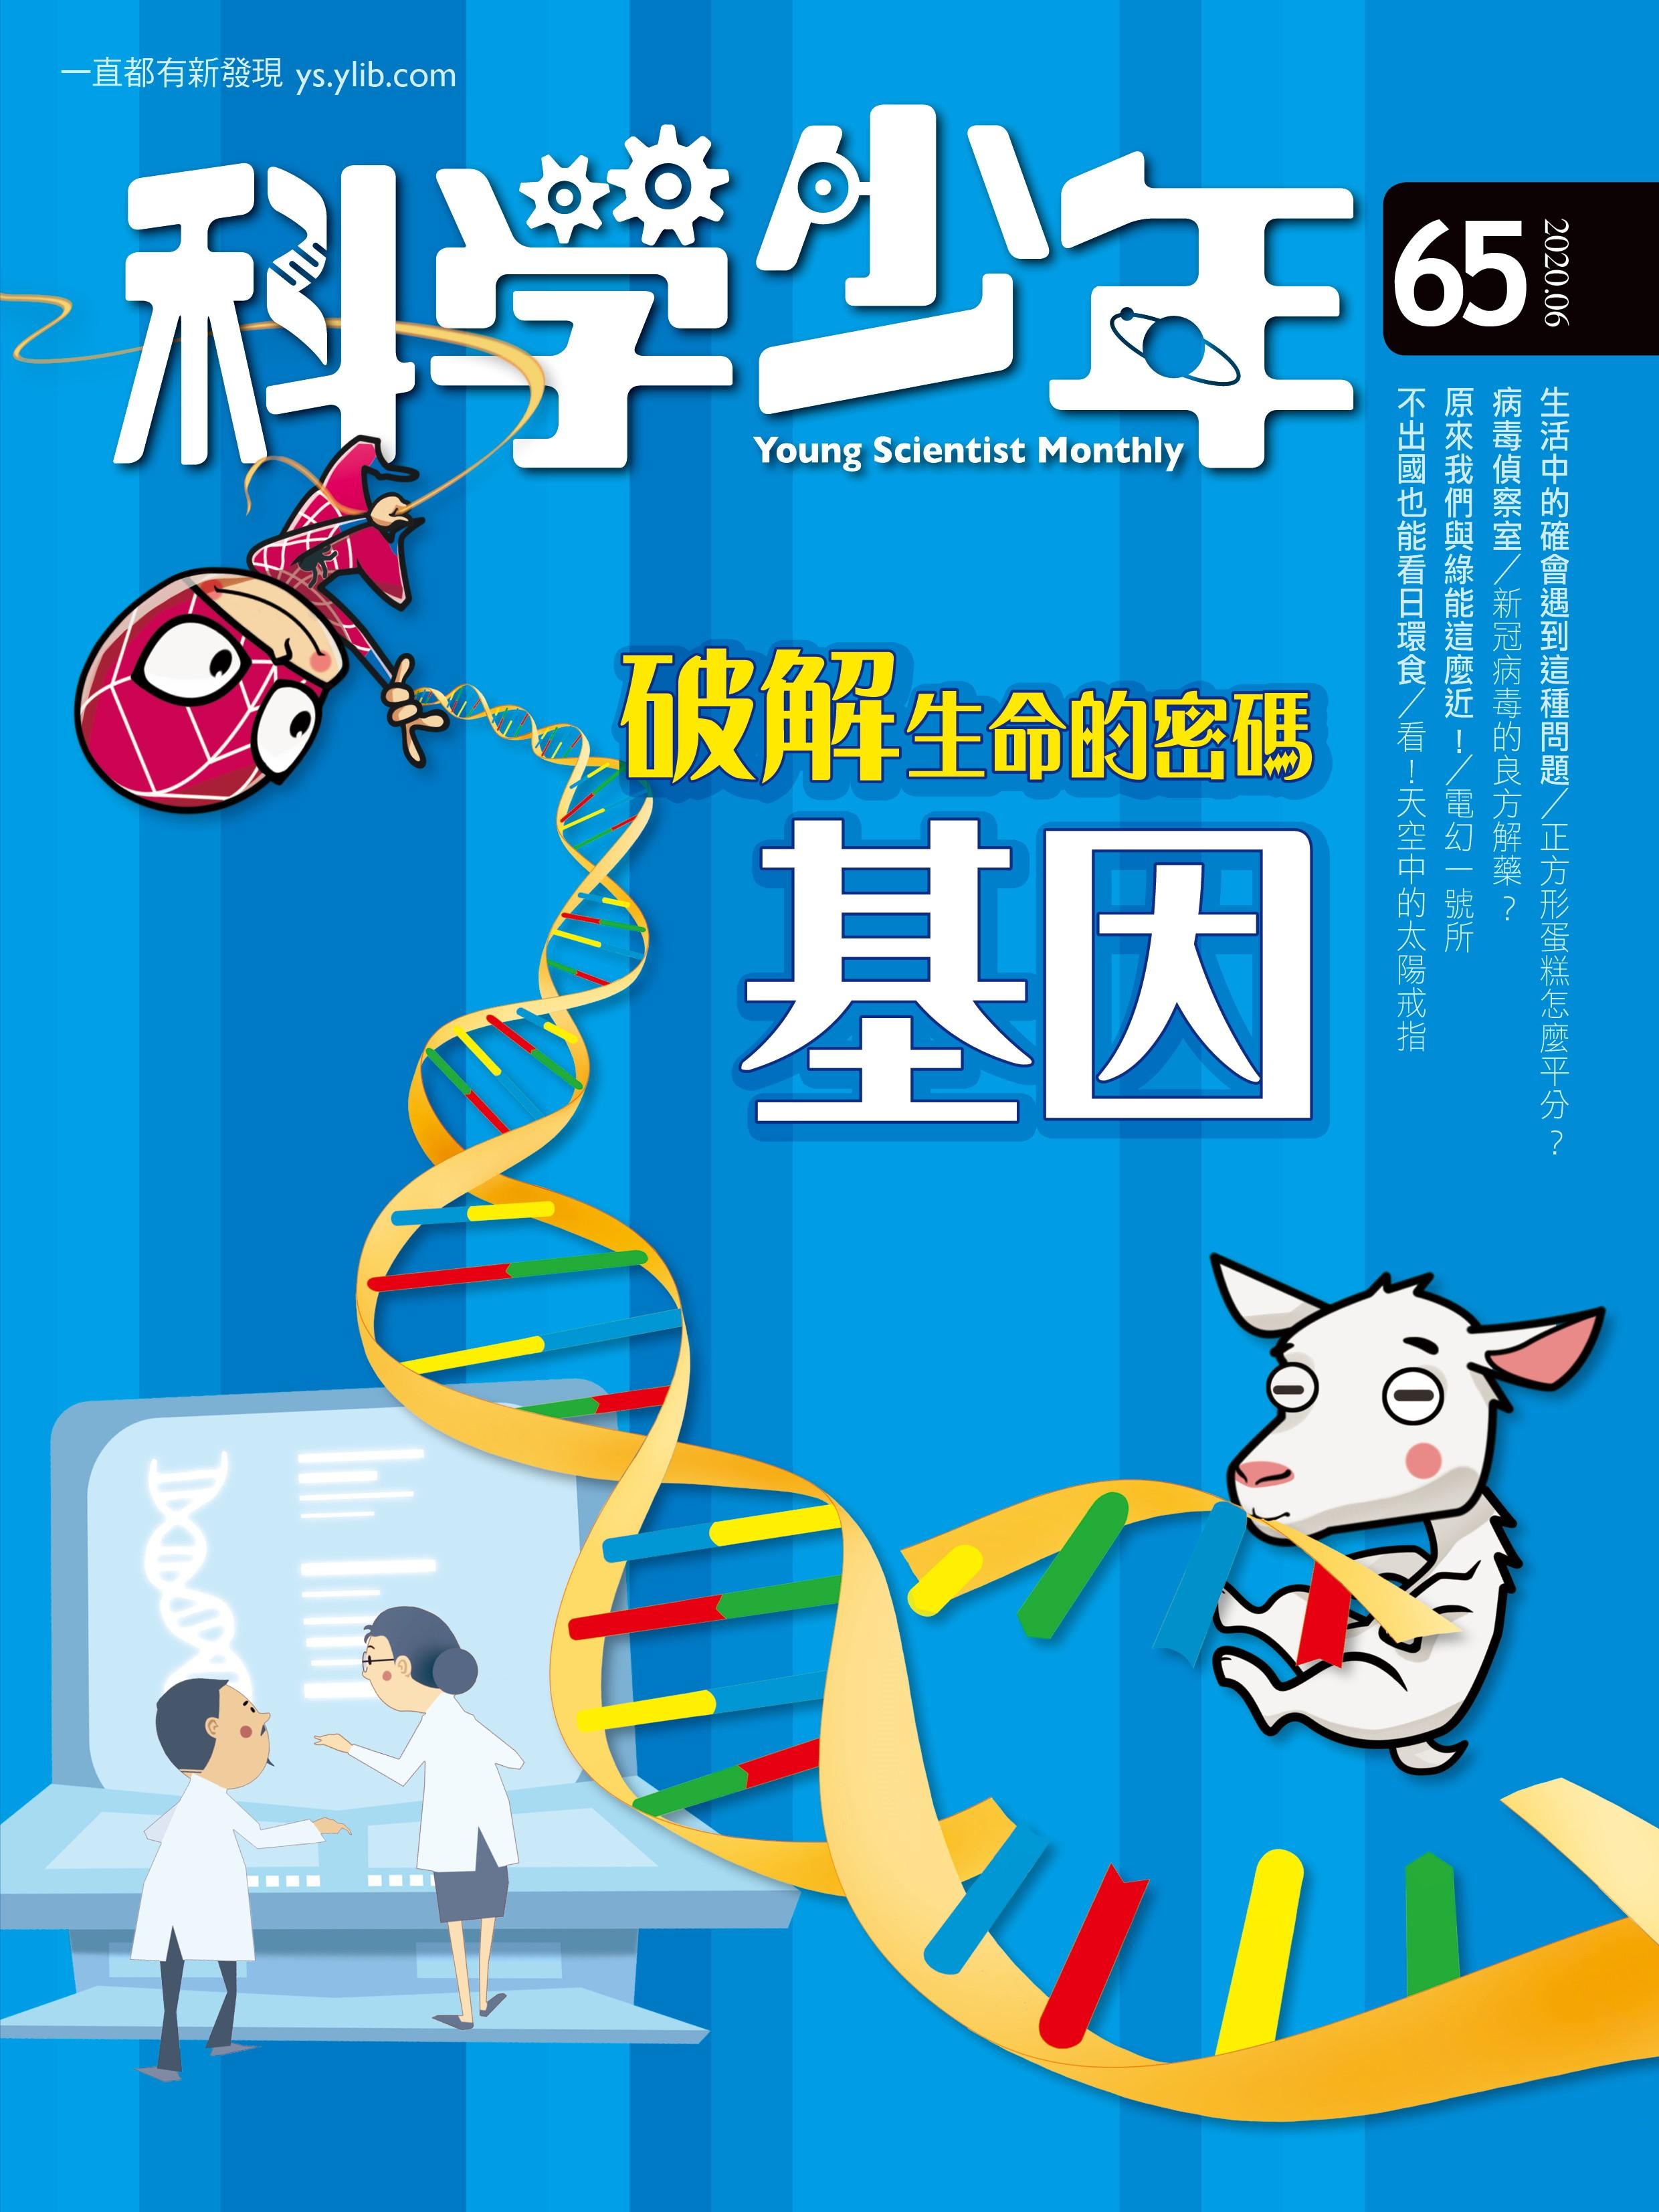 破解生命的密碼--基因